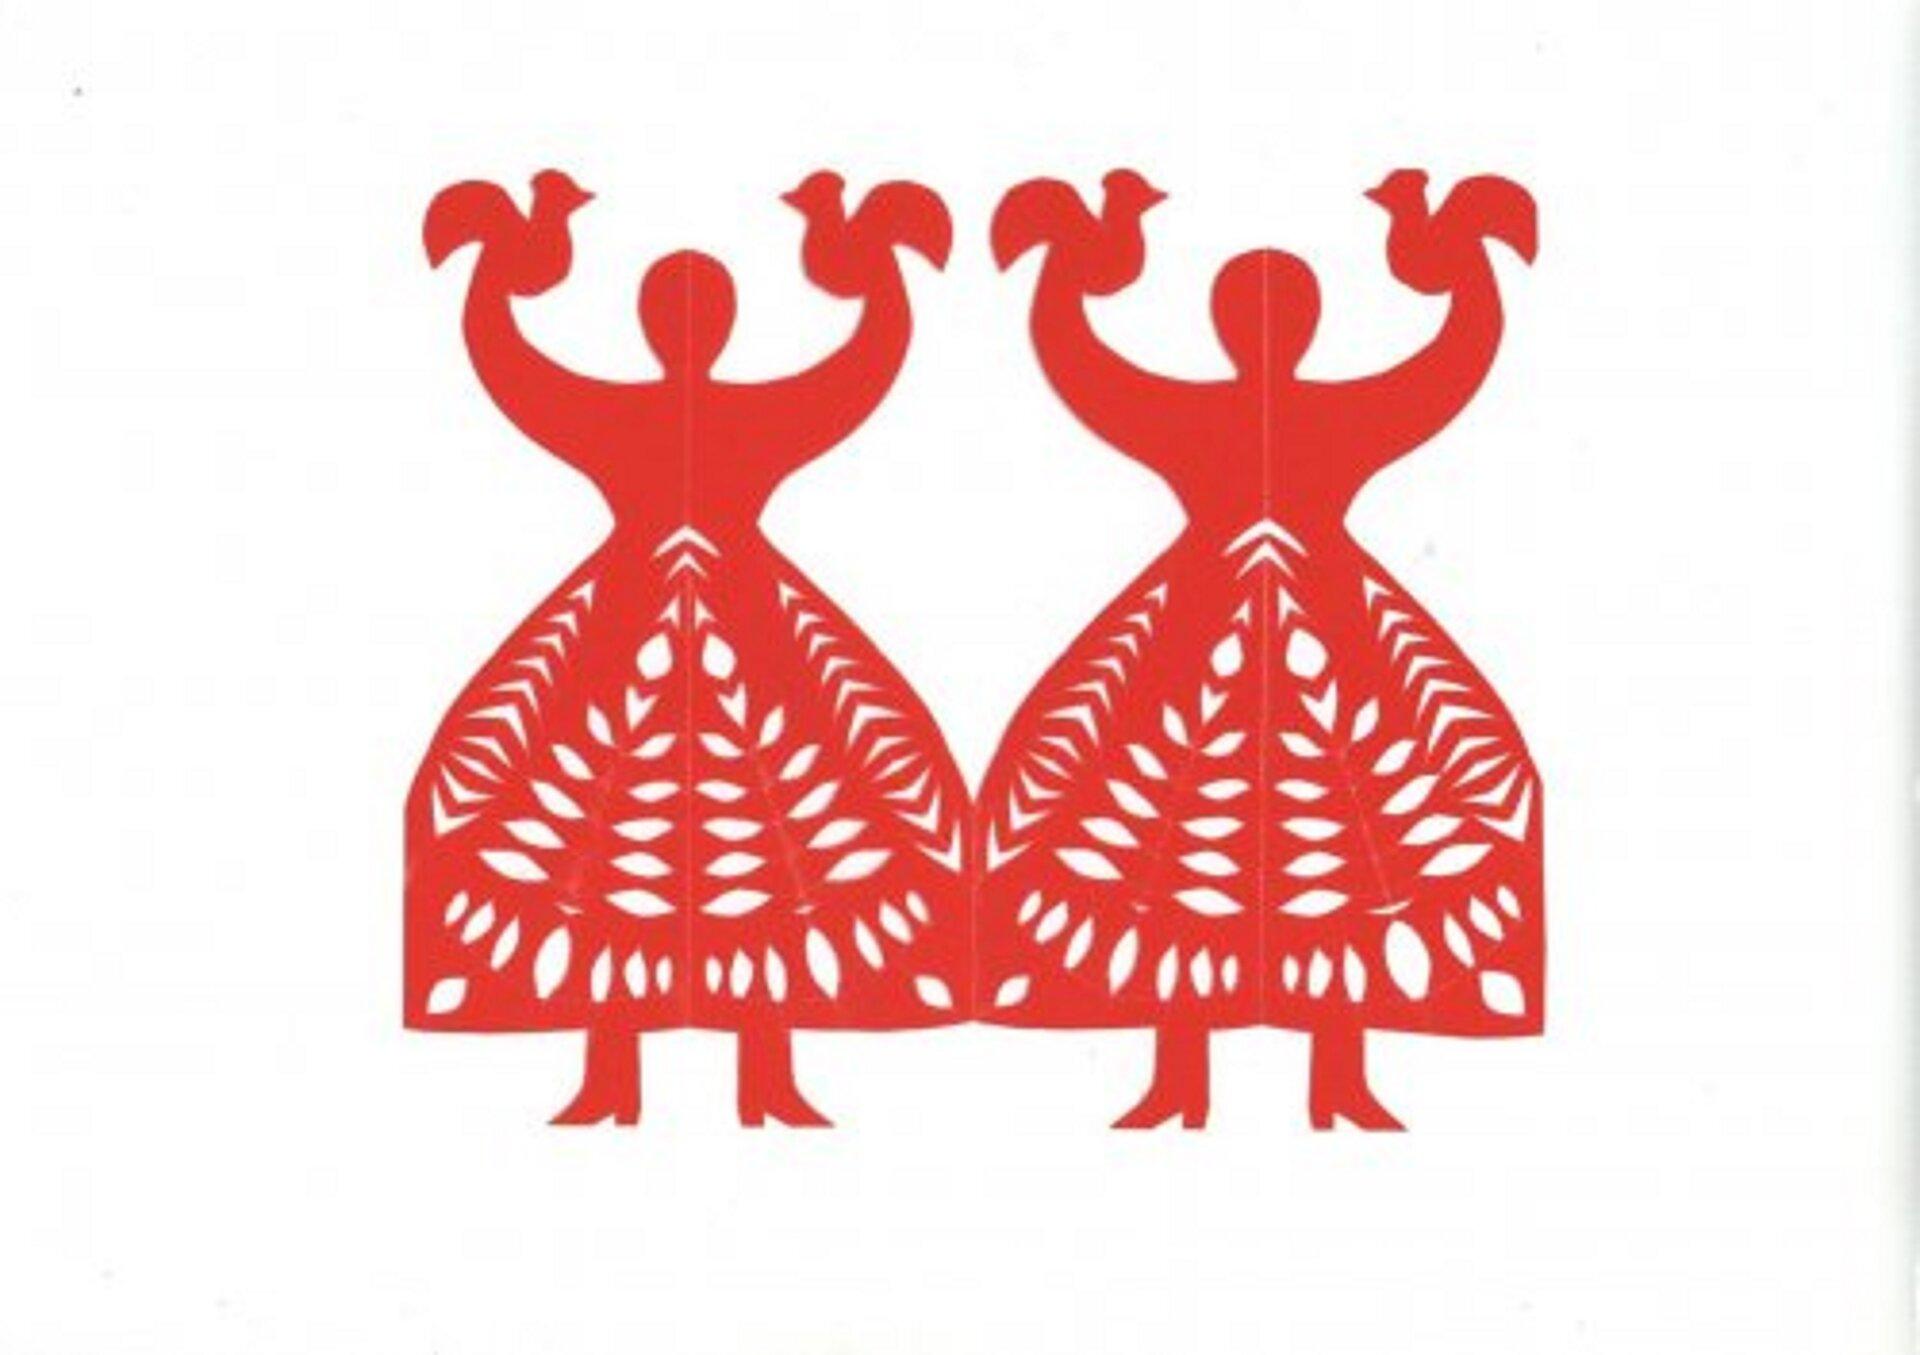 Ilustracja przedstawia wycinankę kołbielską kobiety zkokoszkami. Wycinanka to dwie kobiety stojące istykające się dołem rozkloszowanymi sukniami. Trzymają ręce wgórze, na których widać koguciki. Wycinanka ma kolor czerwony.